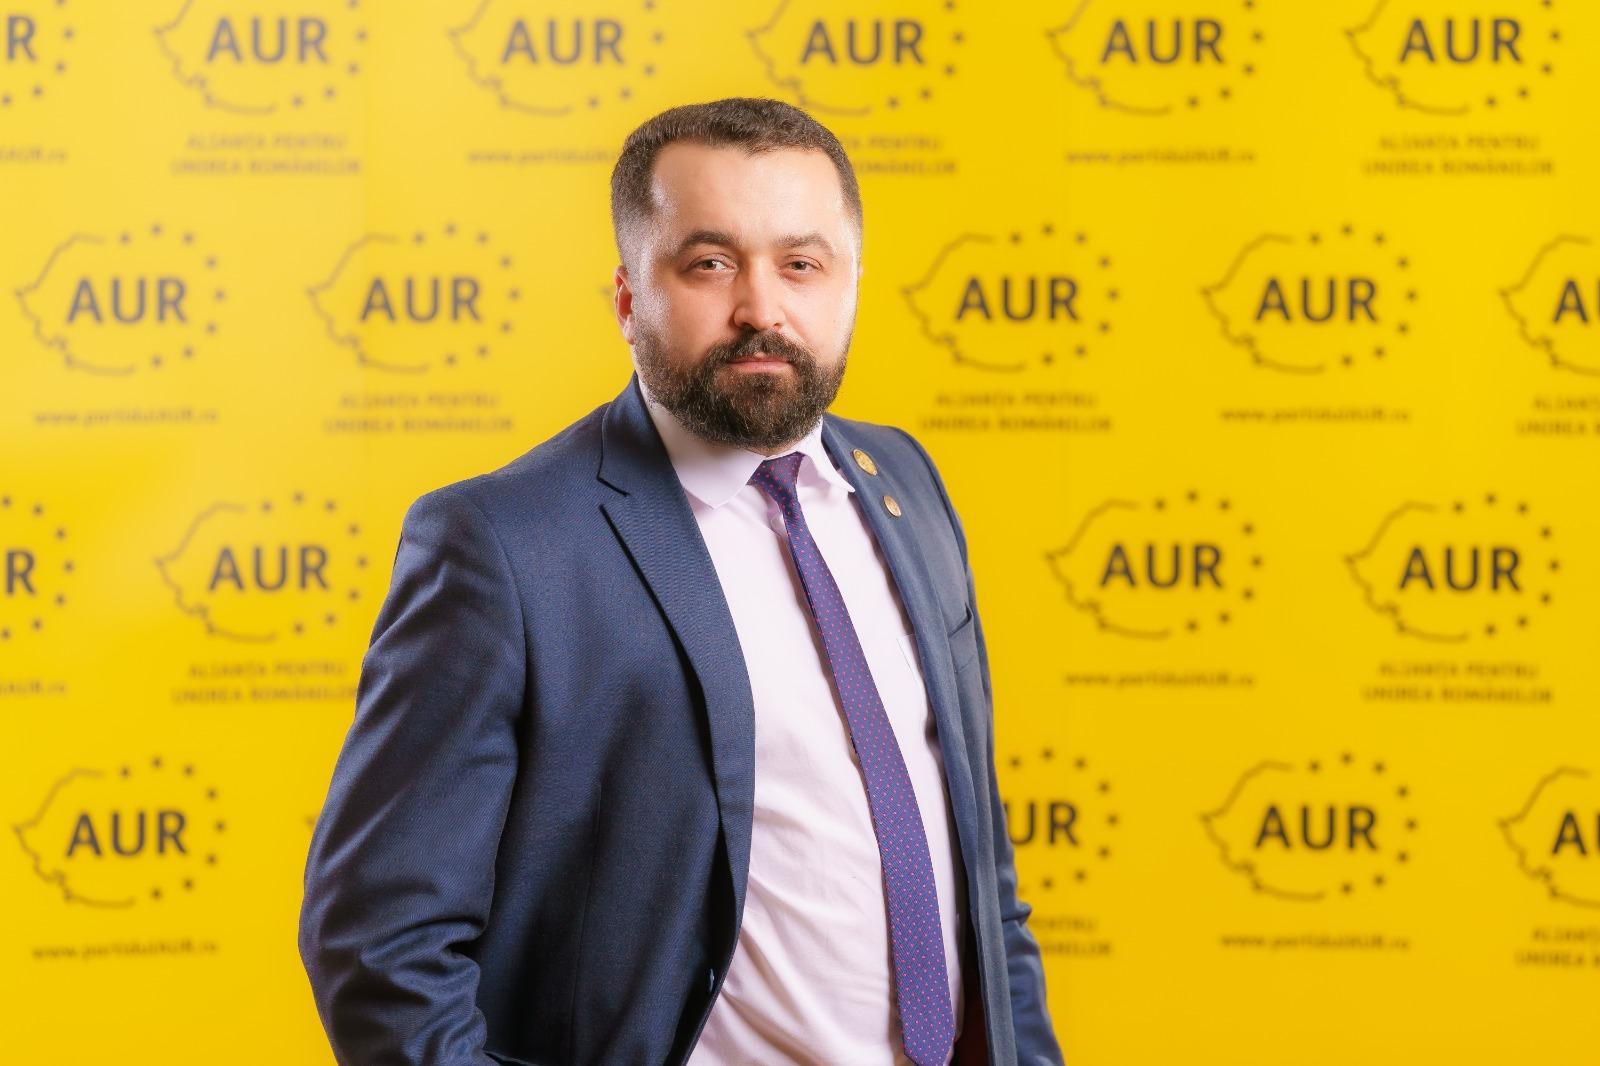 Ciprian Ciubuc (AUR) despre angajările politice: De 30 de ani în România funcționează această practică ticăloasă specifică mafiei